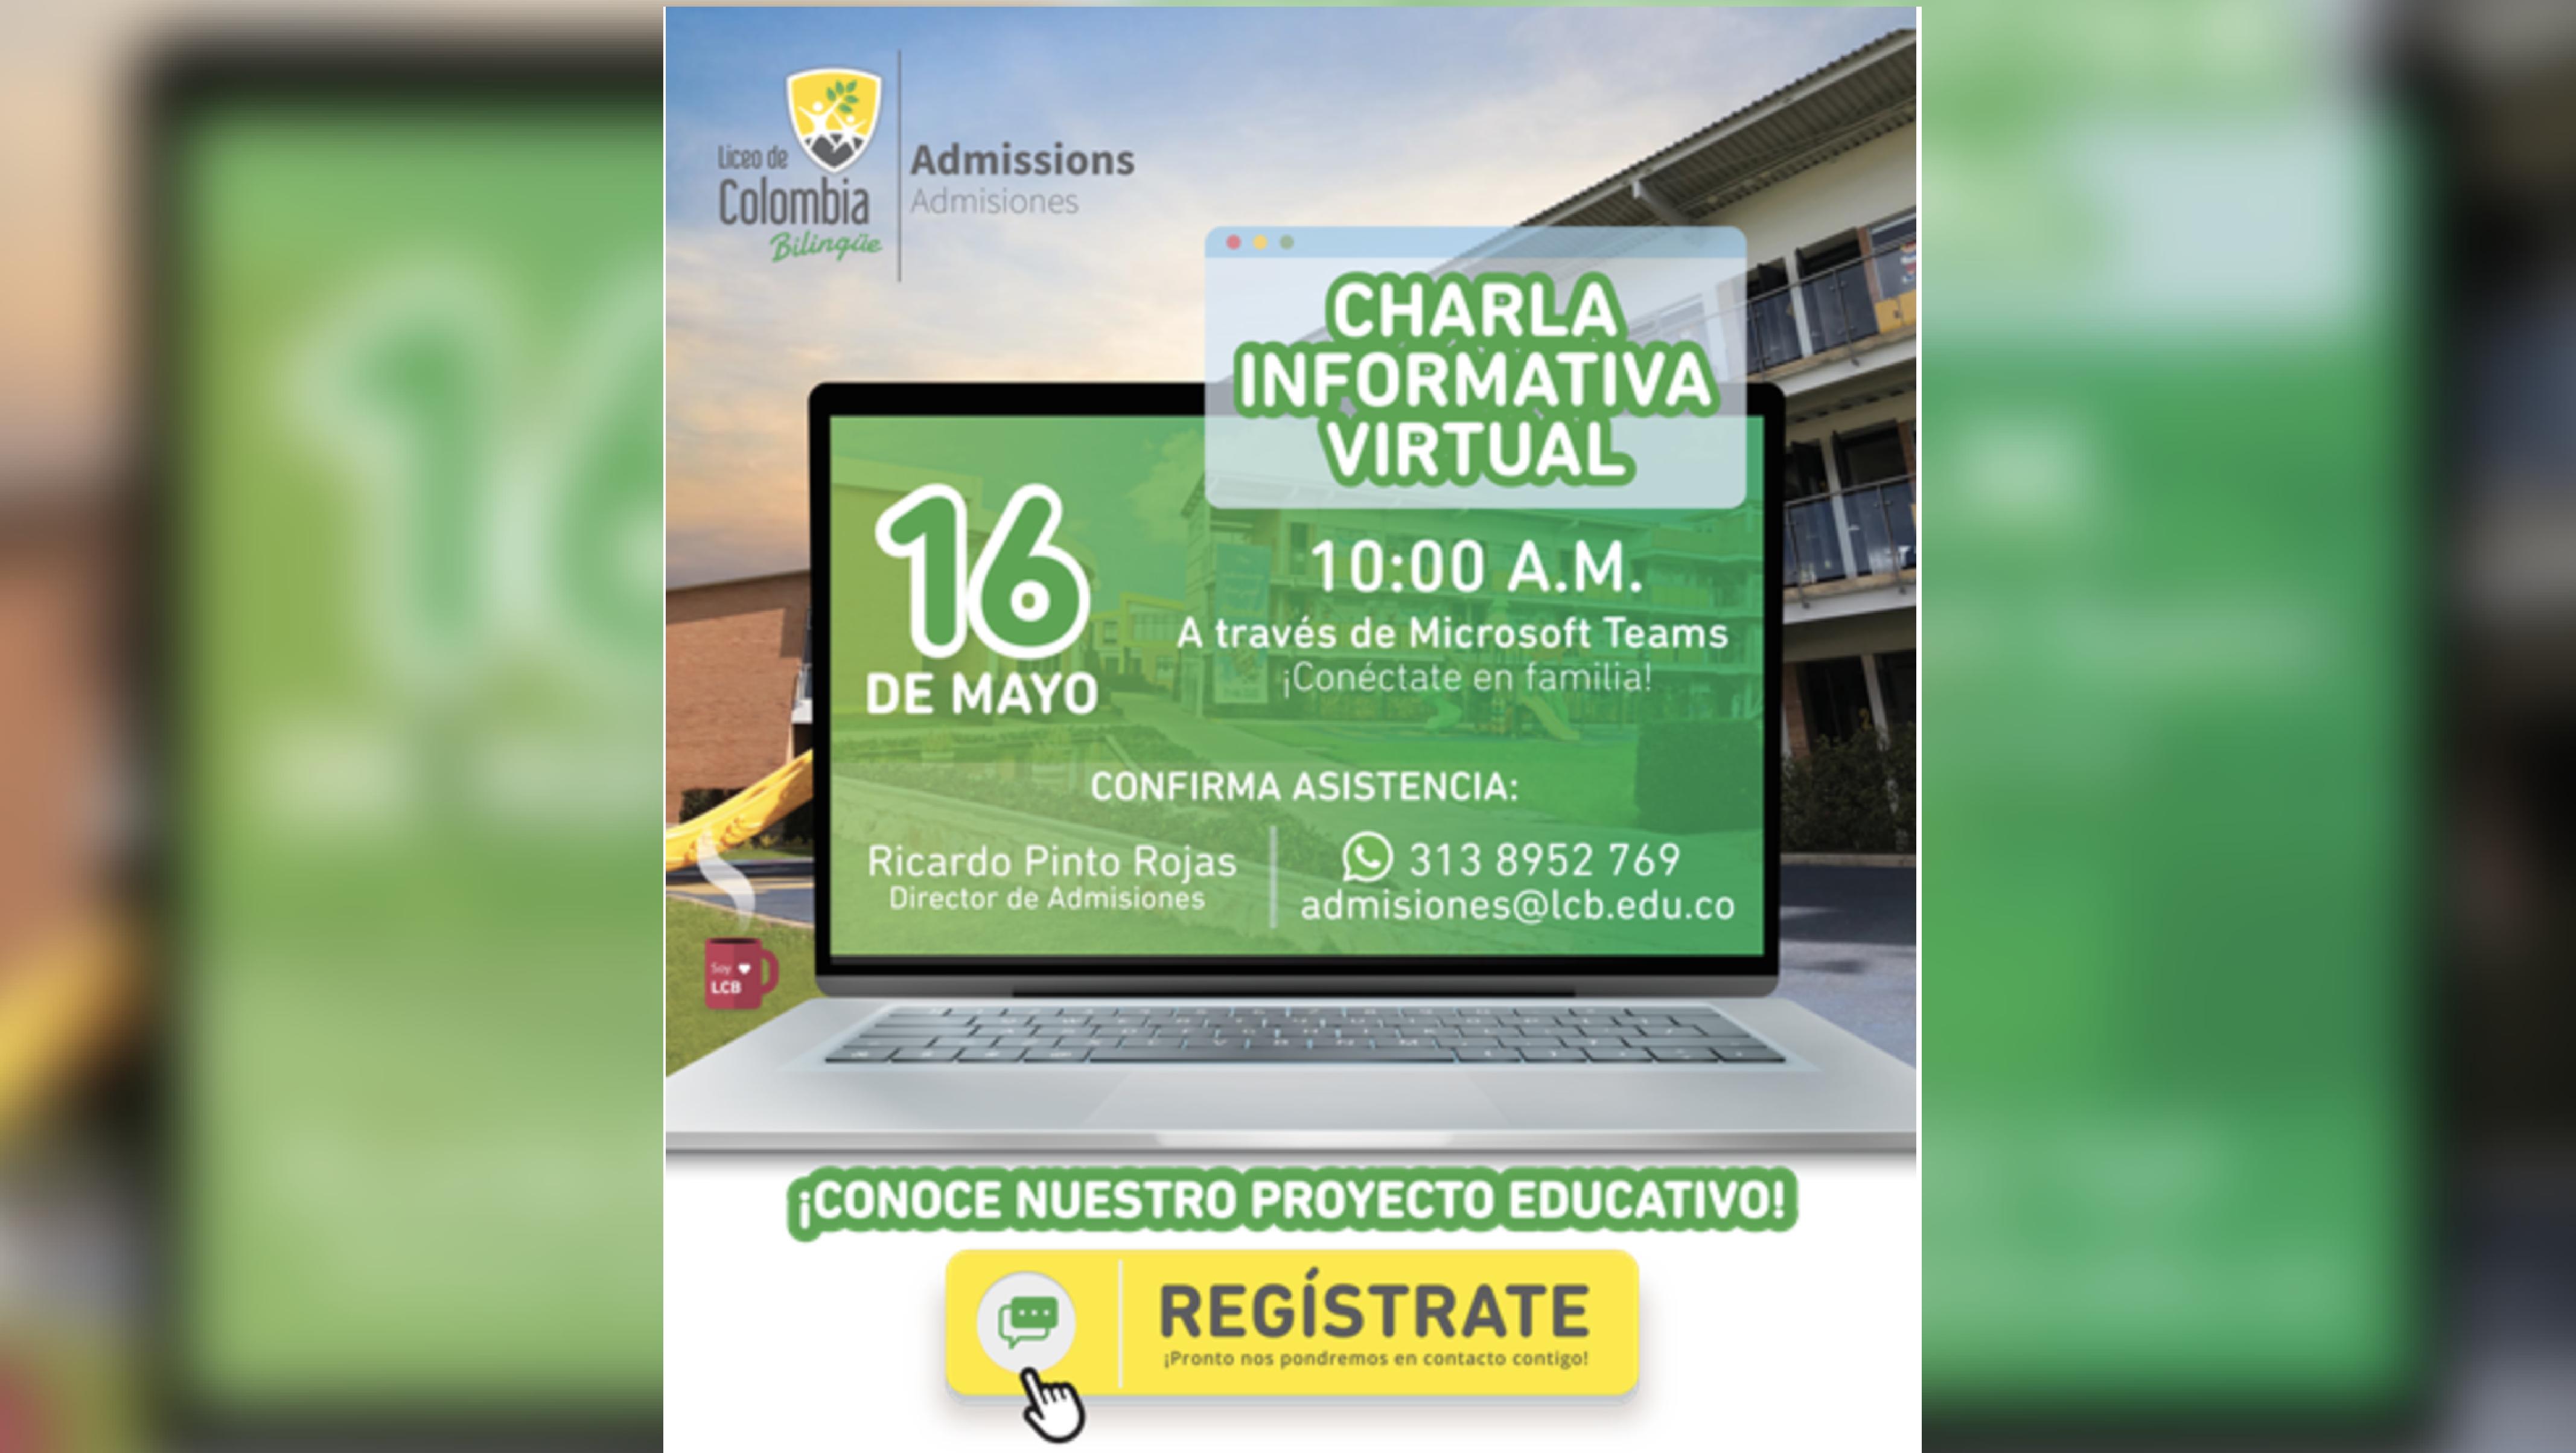 liceo-de-colombia-colegios-bogota-charla-virtual-01